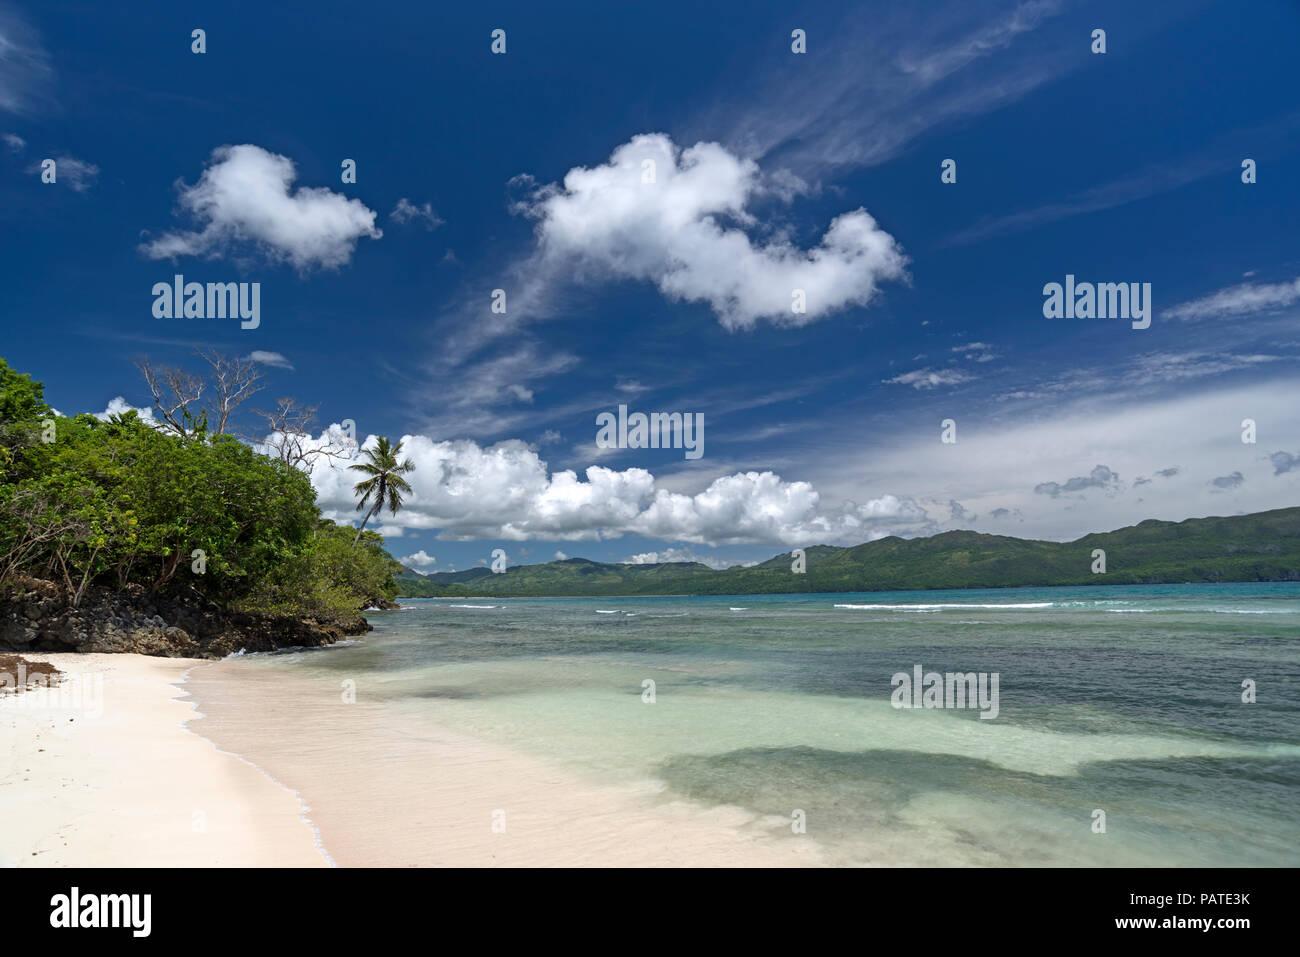 Belle plage tropicale des Caraïbes 'Playita' en République Dominicaine Photo Stock